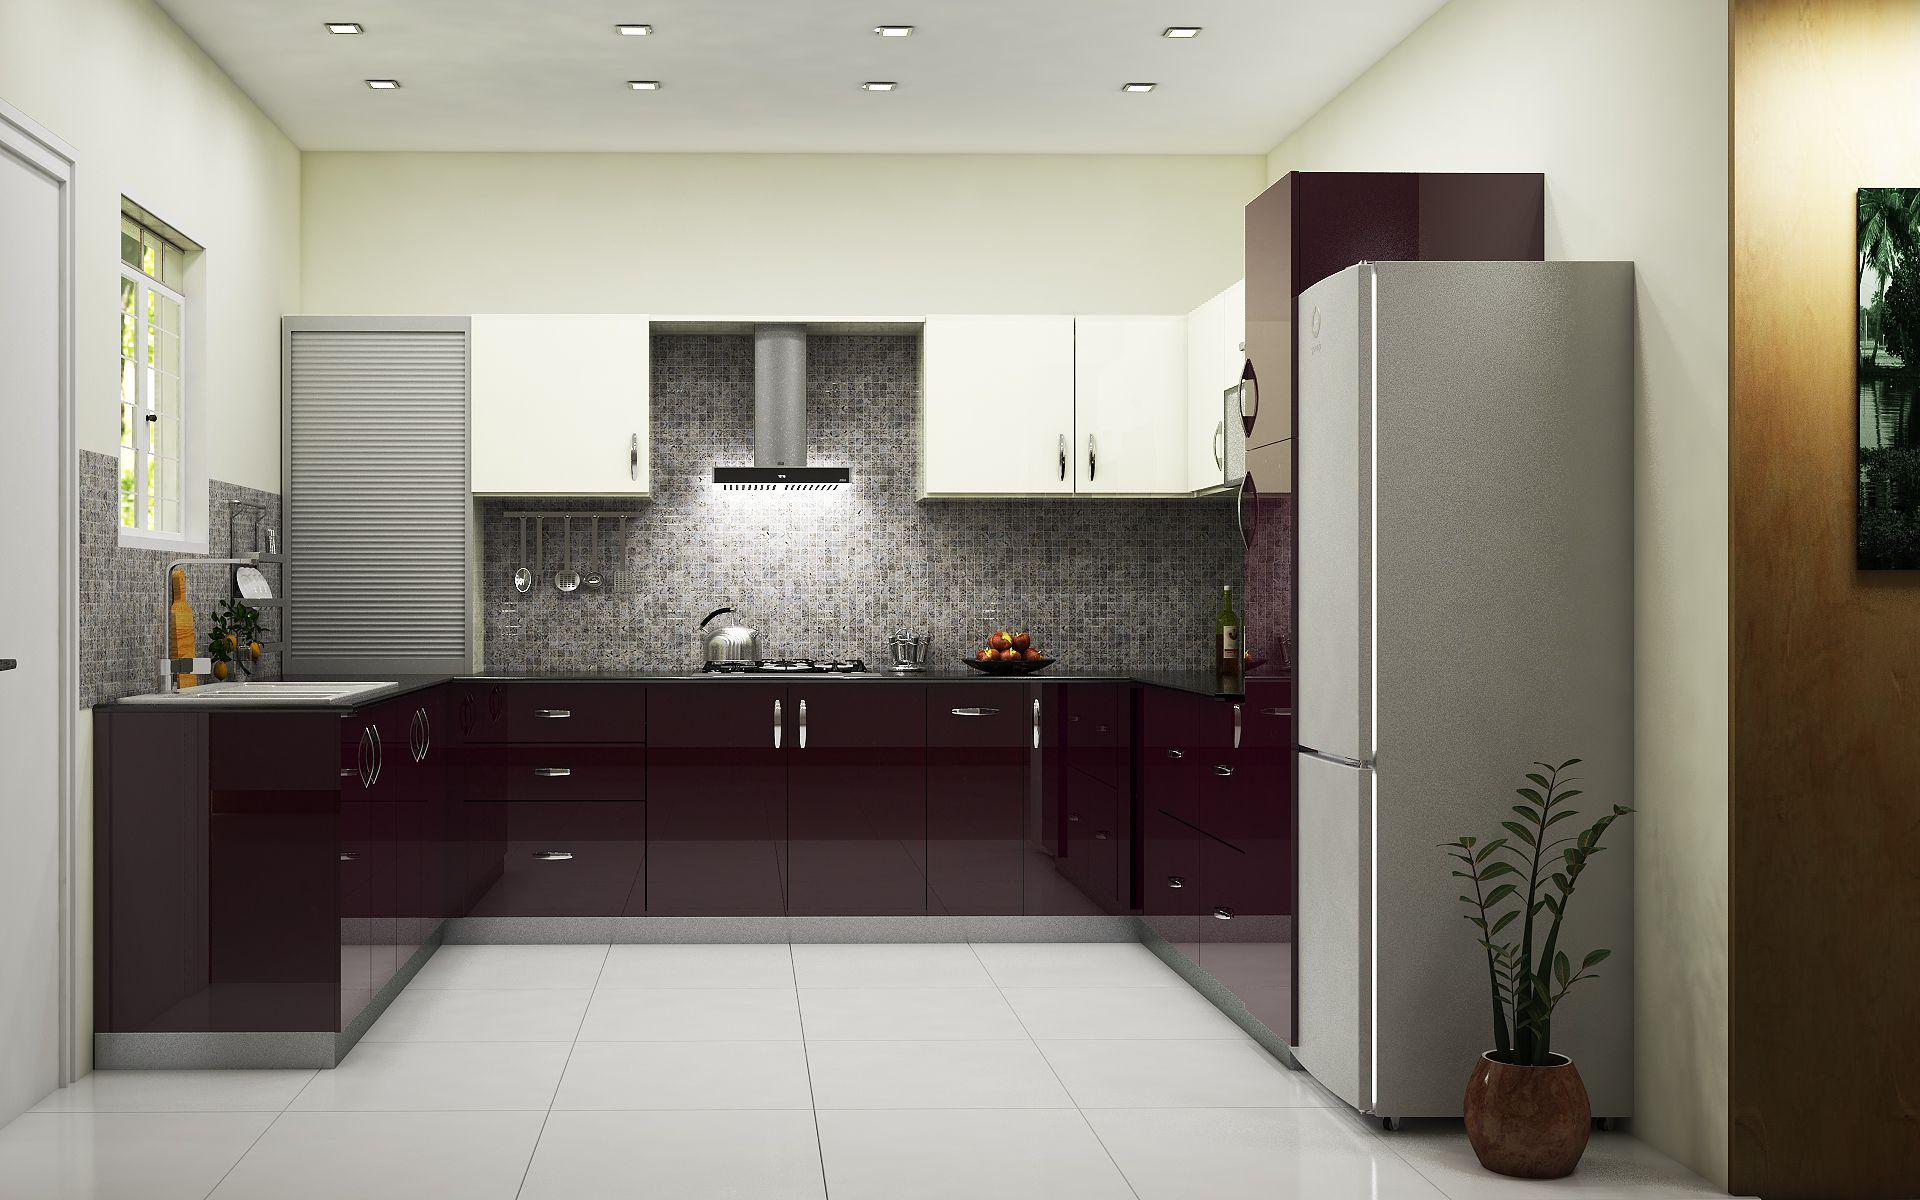 #Küche Home Exclusive Durch Anwenden Von Indischen Küchendesigns #Home  #Exclusive #durch #Anwenden #von #indischen #Küchendesigns